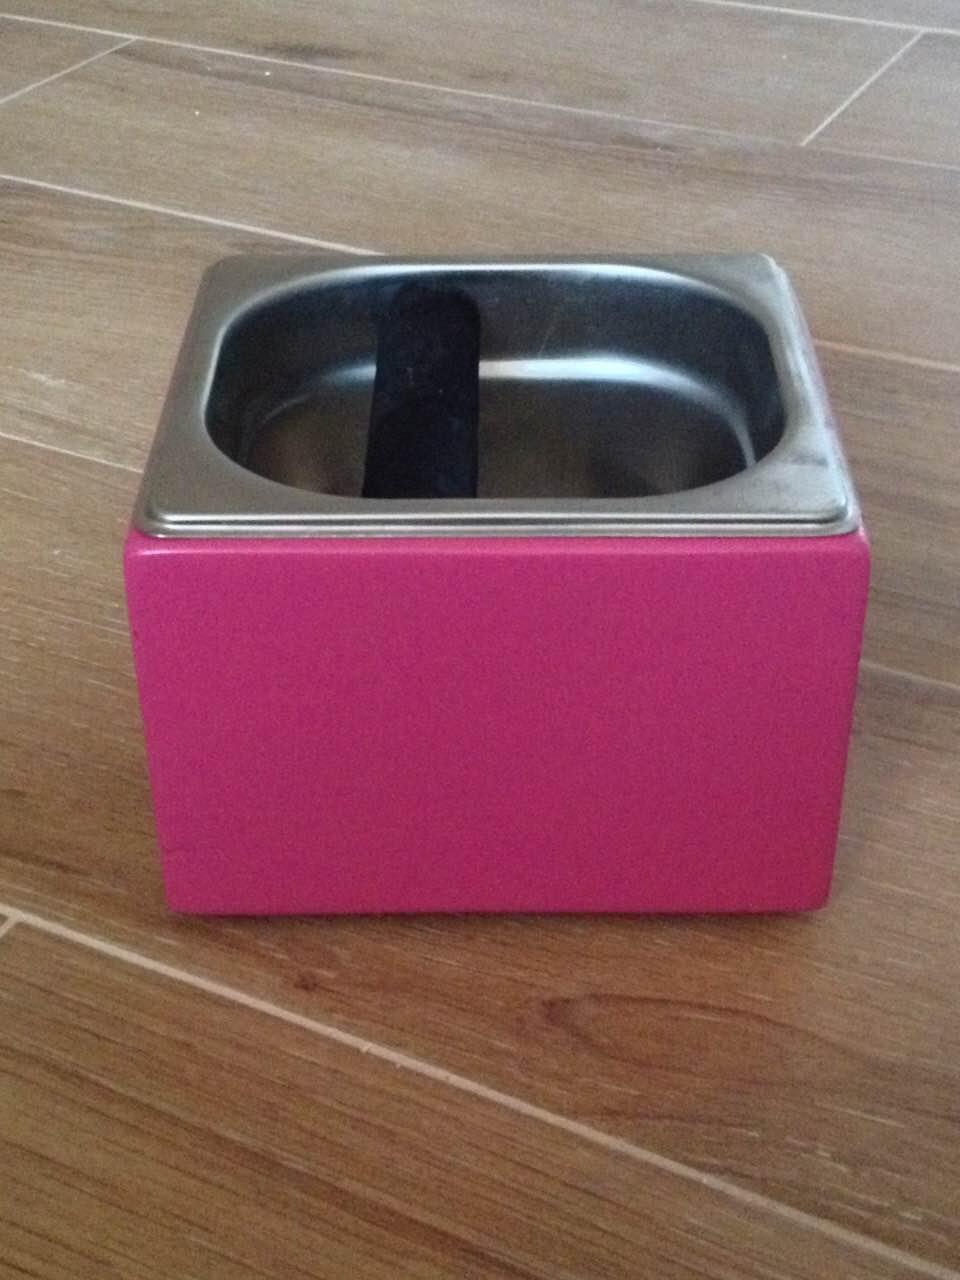 Нок-бокс деревянный c емкостью из нержавеющей стали (тонированный цветной), 1.6 л